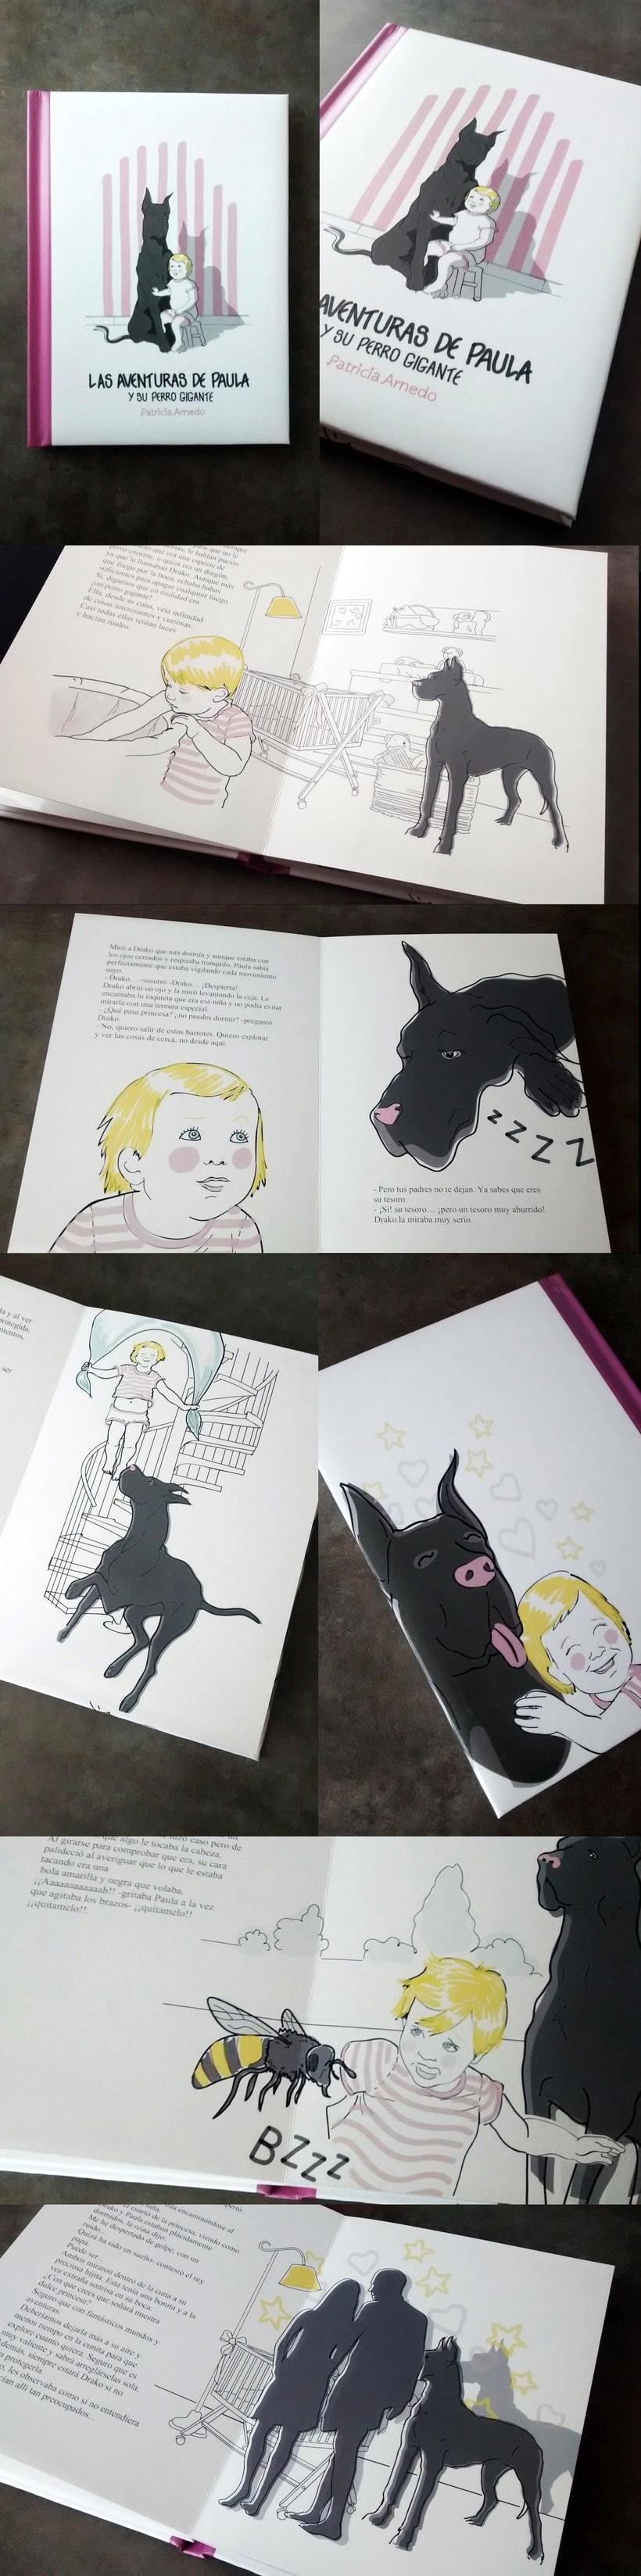 """Ilustraciones """"Las Aventuras de Paula"""" 2"""